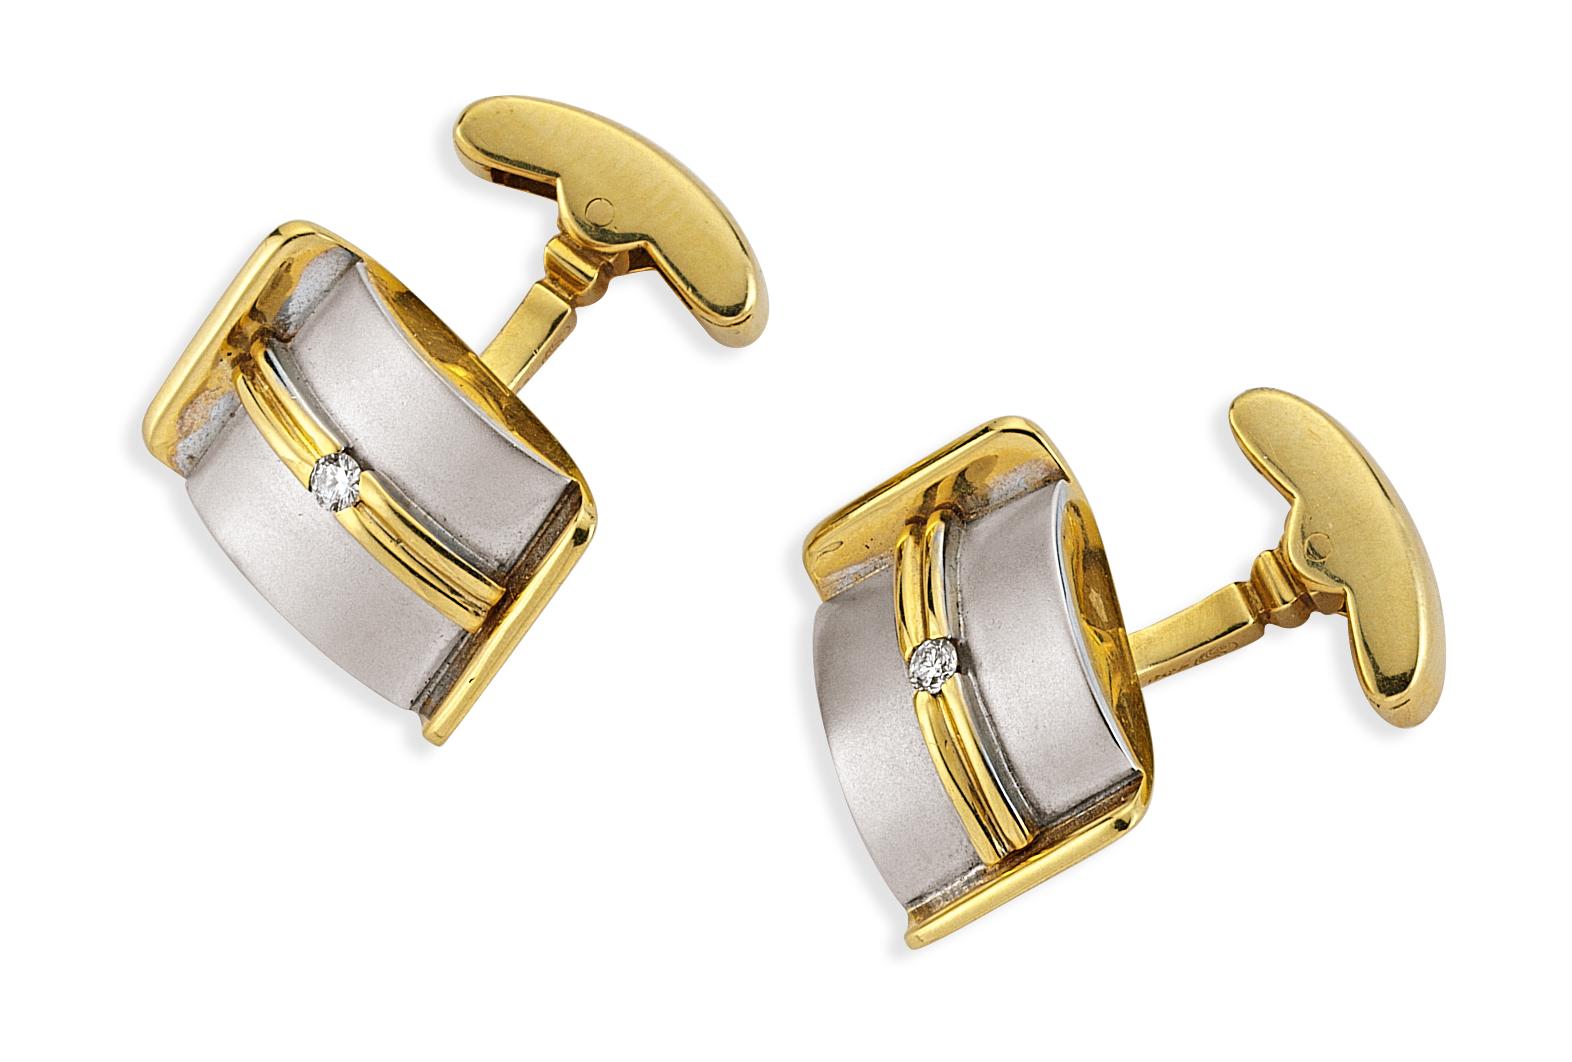 Pırlantalı Altın Kol Düğmesi - 3100003